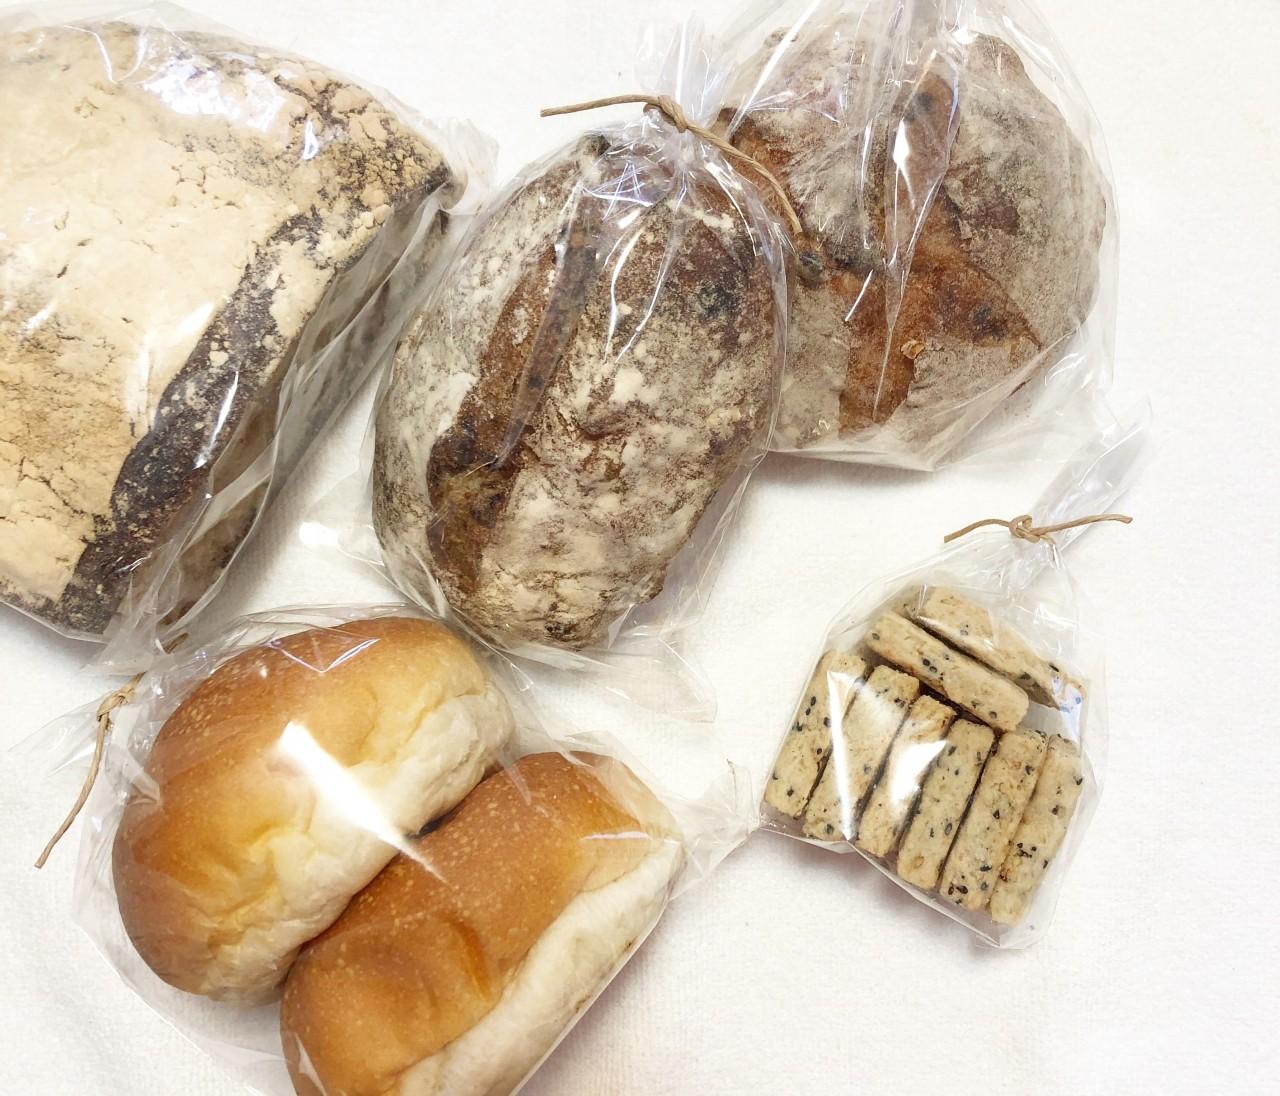 伝説のパン屋さん‼︎天然酵母で作るかいじゅう屋【はるパン活】